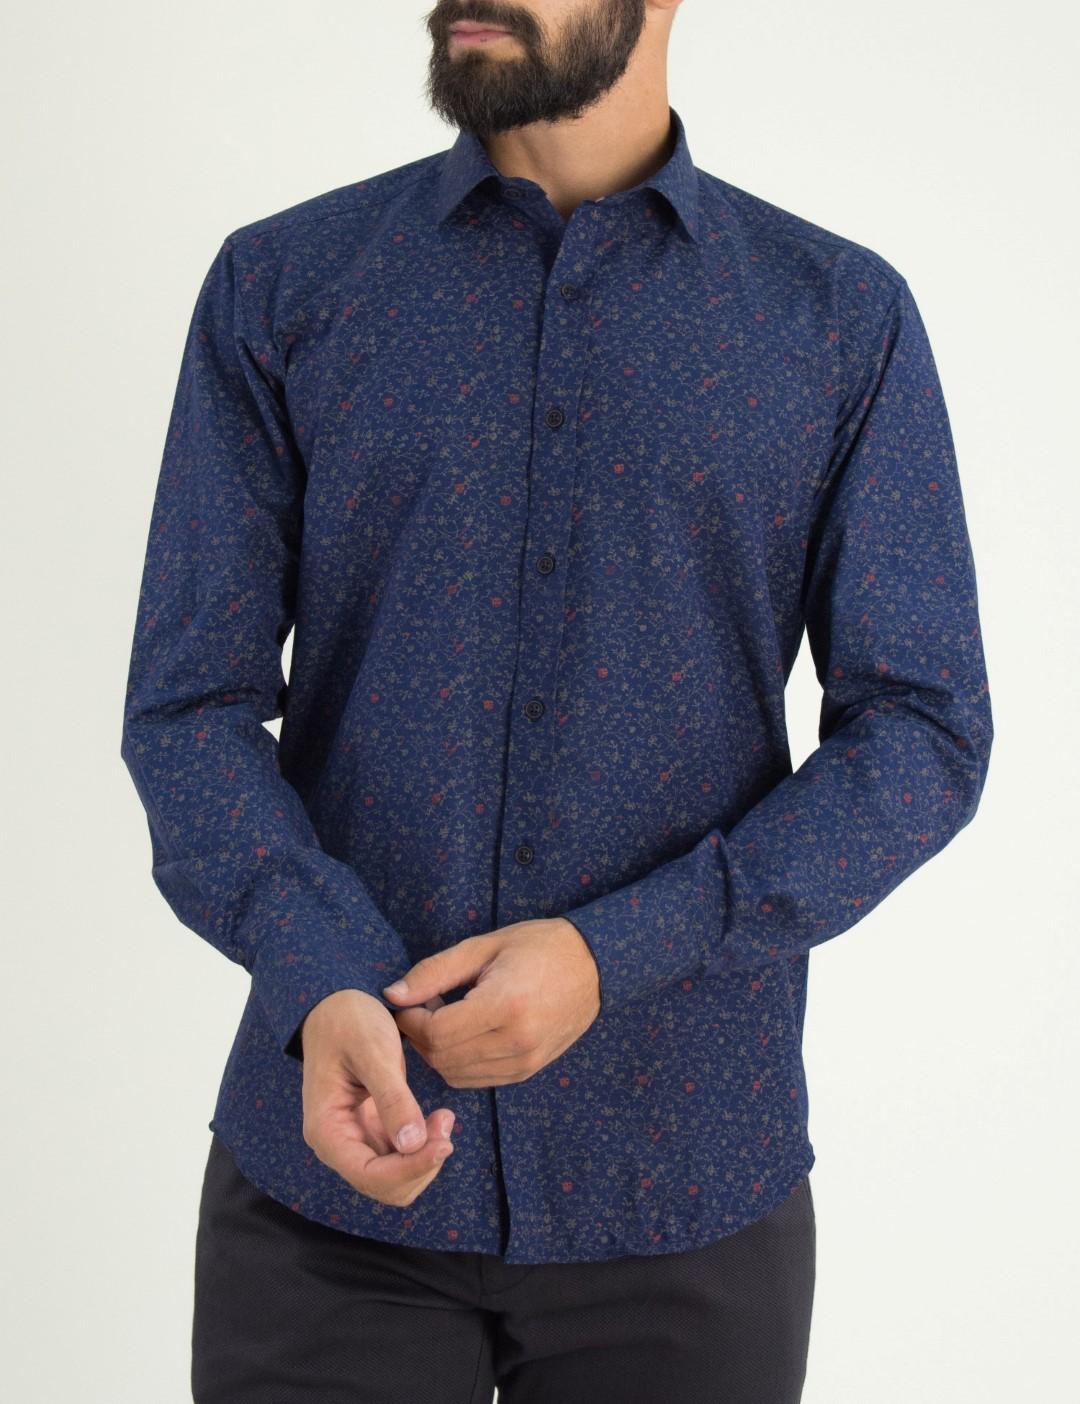 Ανδρικό μπλέ εμπριμέ πουκάμισο Firenze 01911226 0a3d19dc2a5